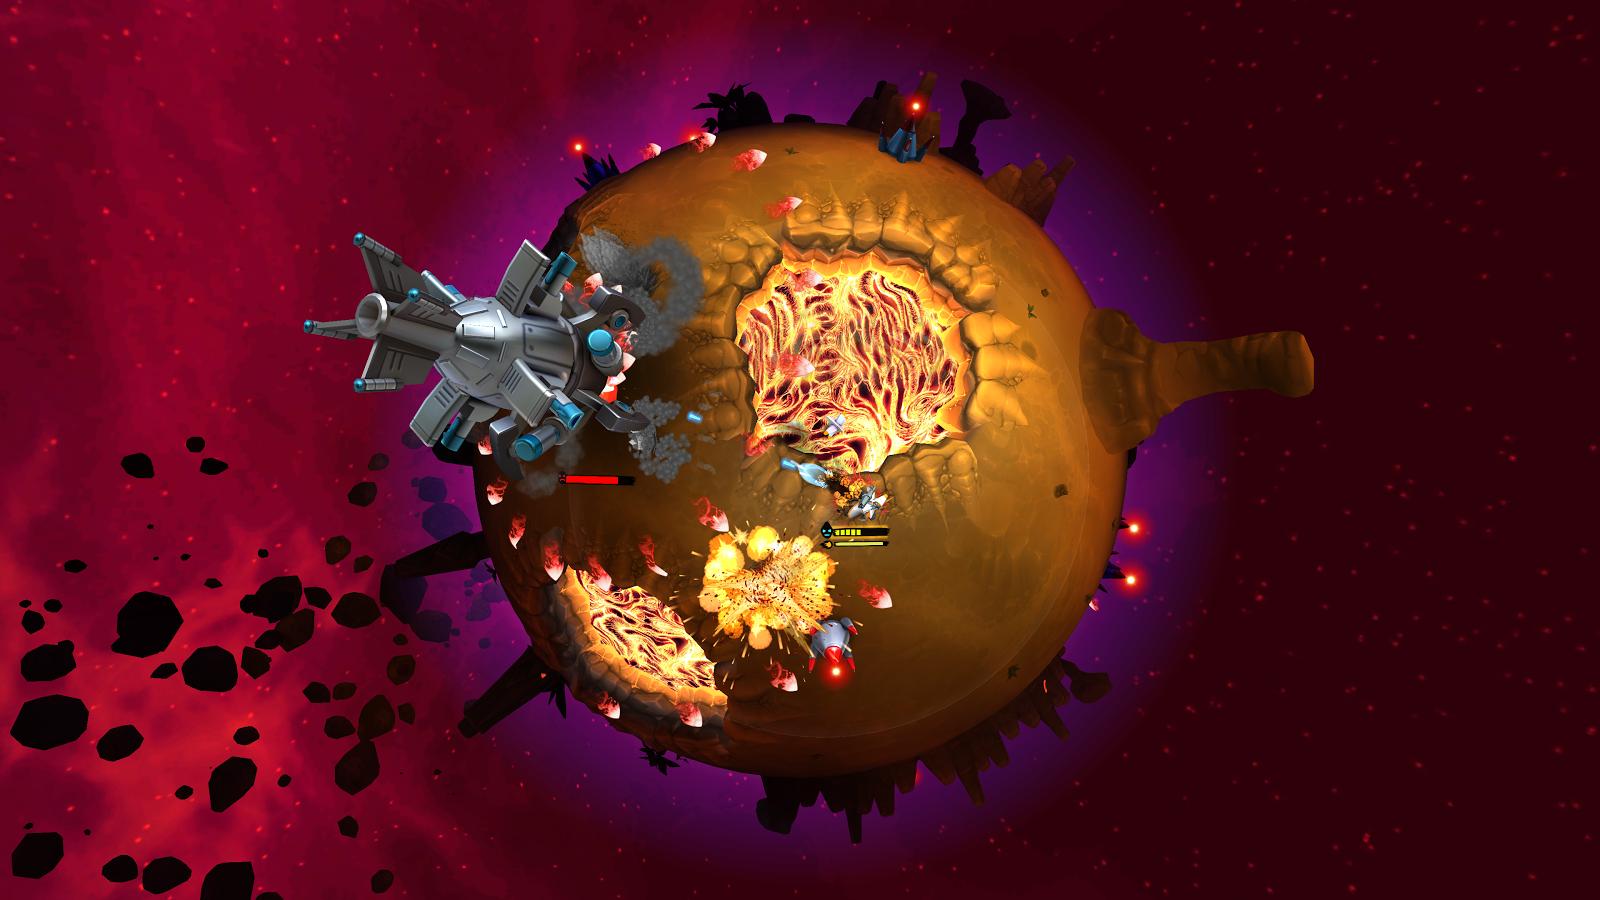 戰斗星球VR圖7